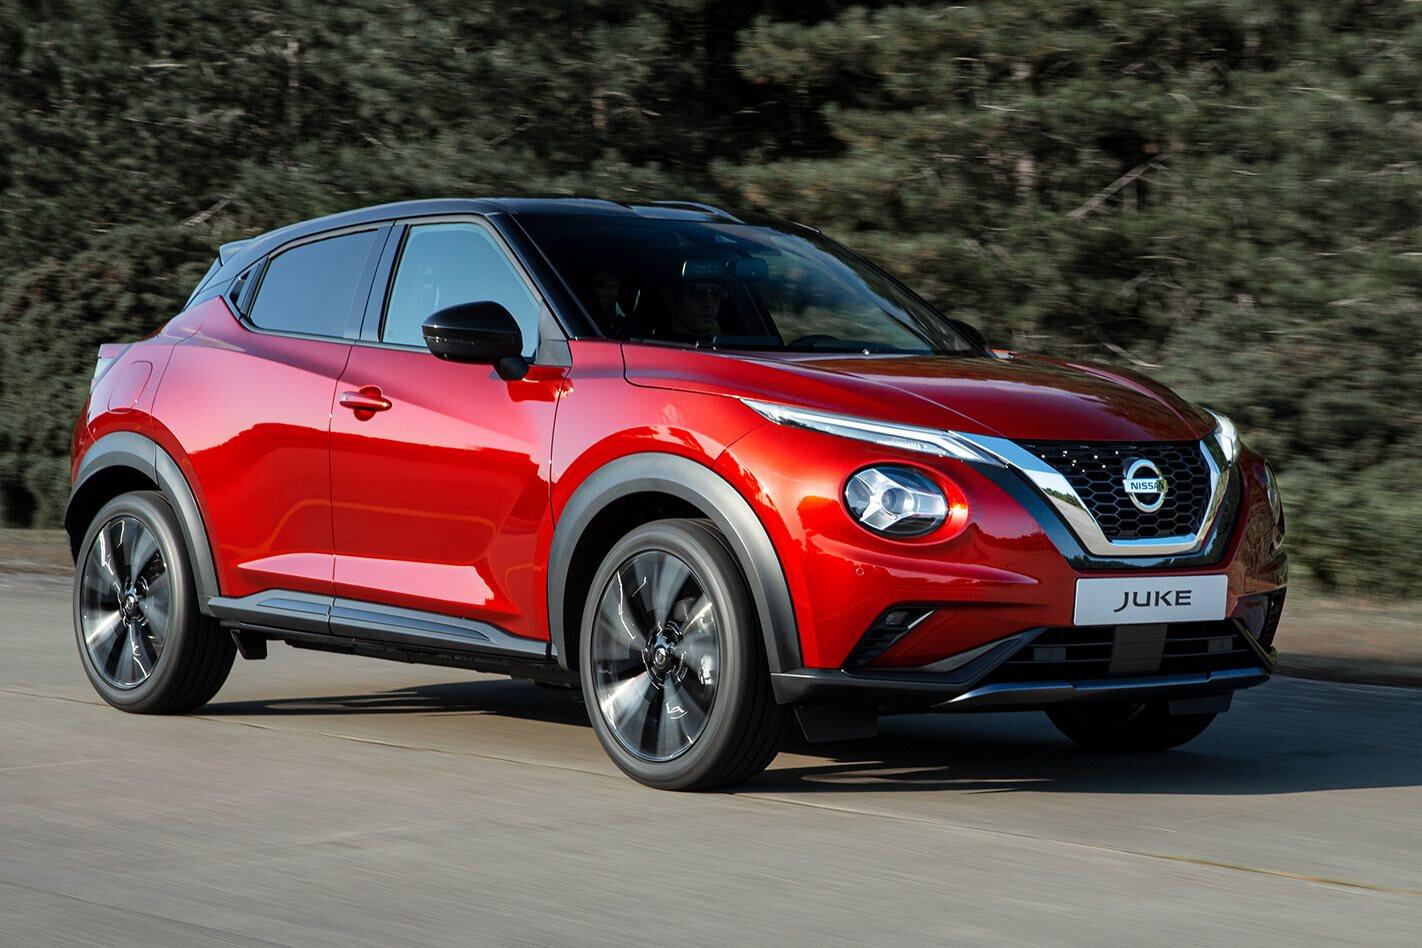 2020 Nissan Juke Front Side Action 2 Jpg